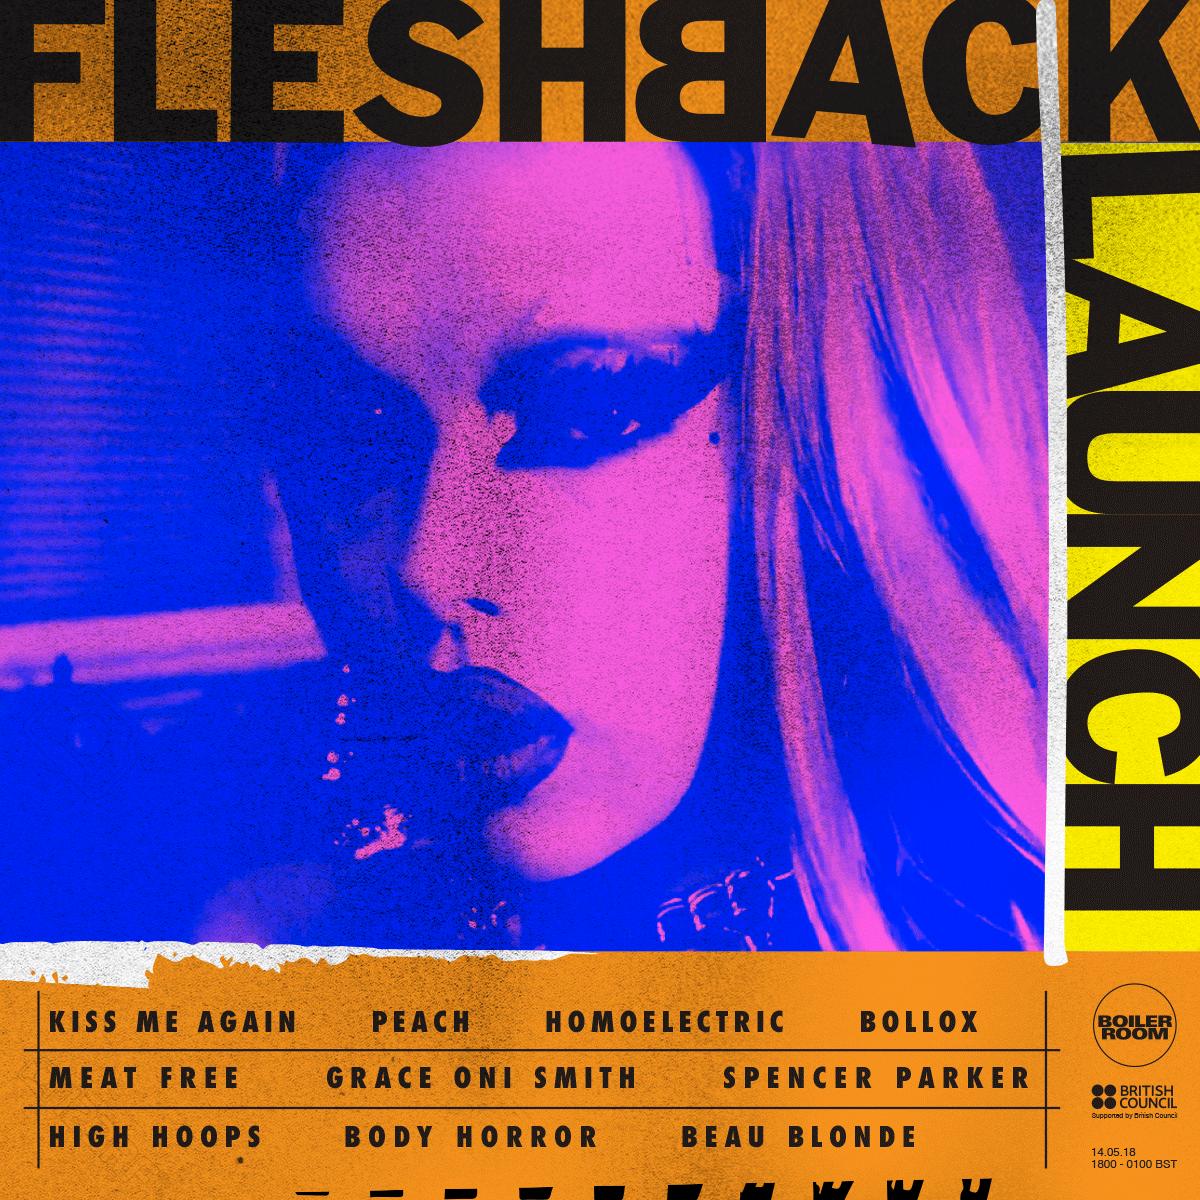 FLESHBACK_FINAL-3.png